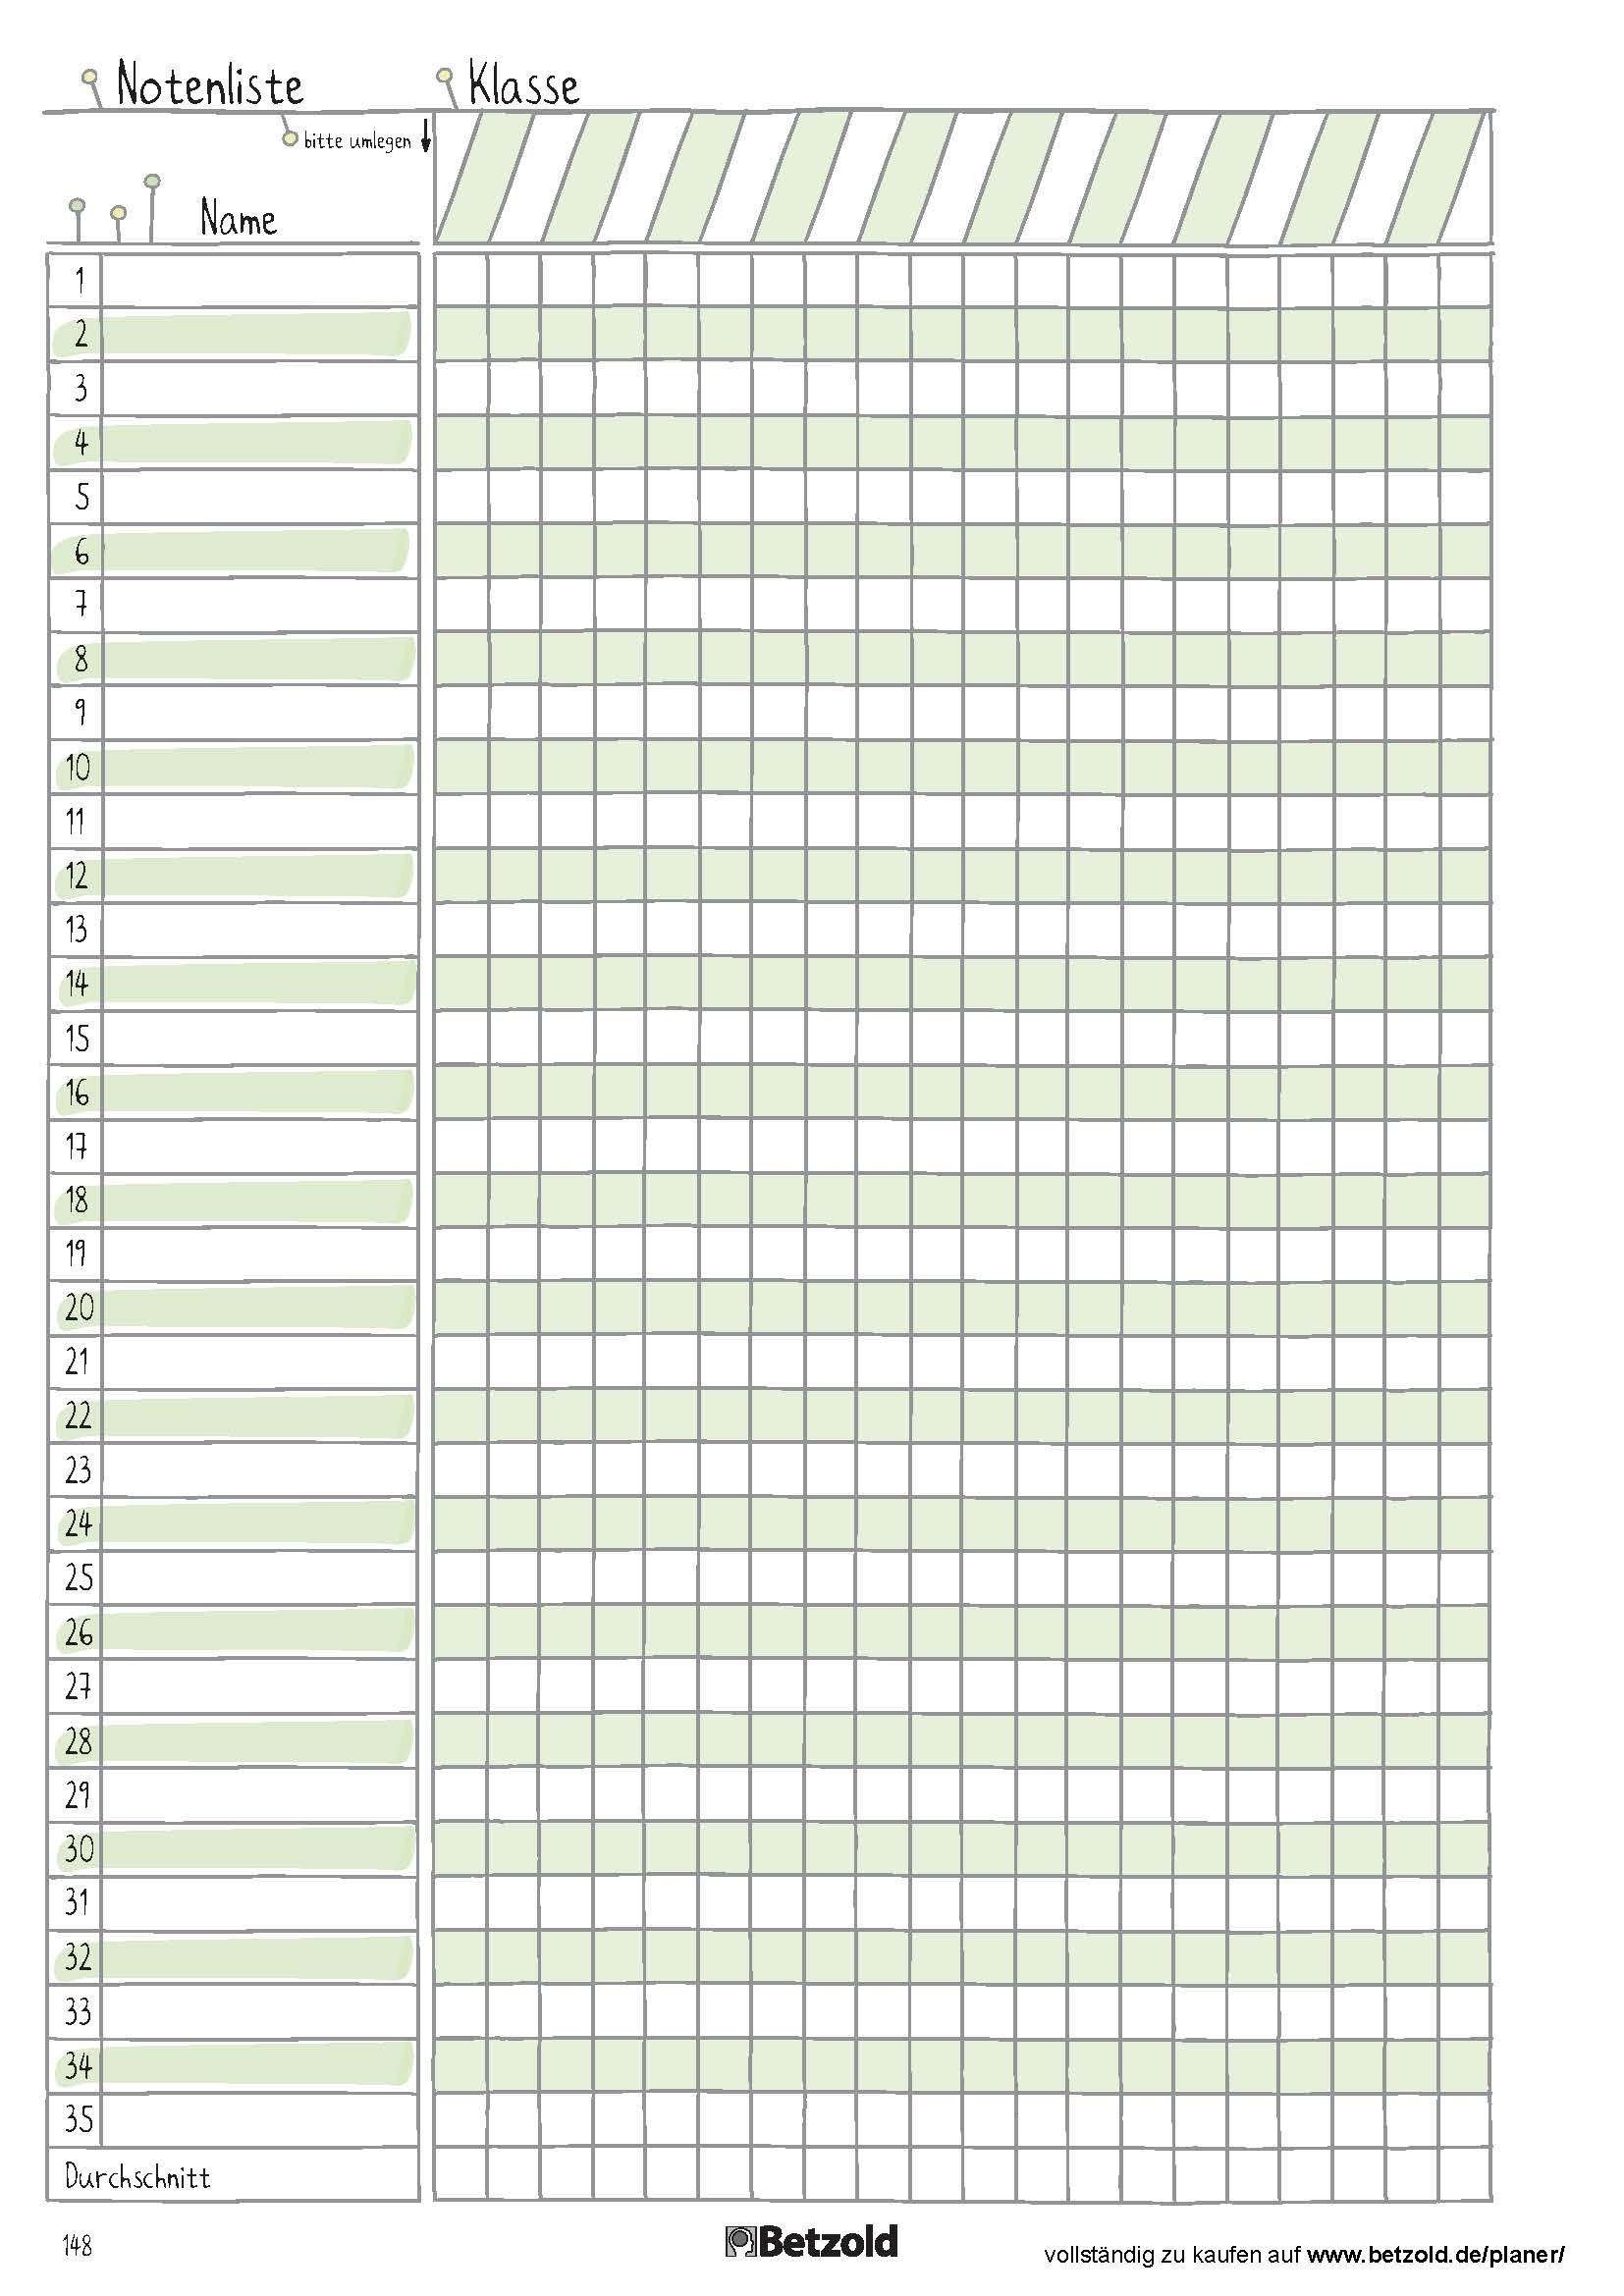 Notenliste Vorlage zum Ausdrucken aus dem Betzold Design Schulplaner Schuljahr 2018 2019 · Druckbarer Kalender 2019 Bayern